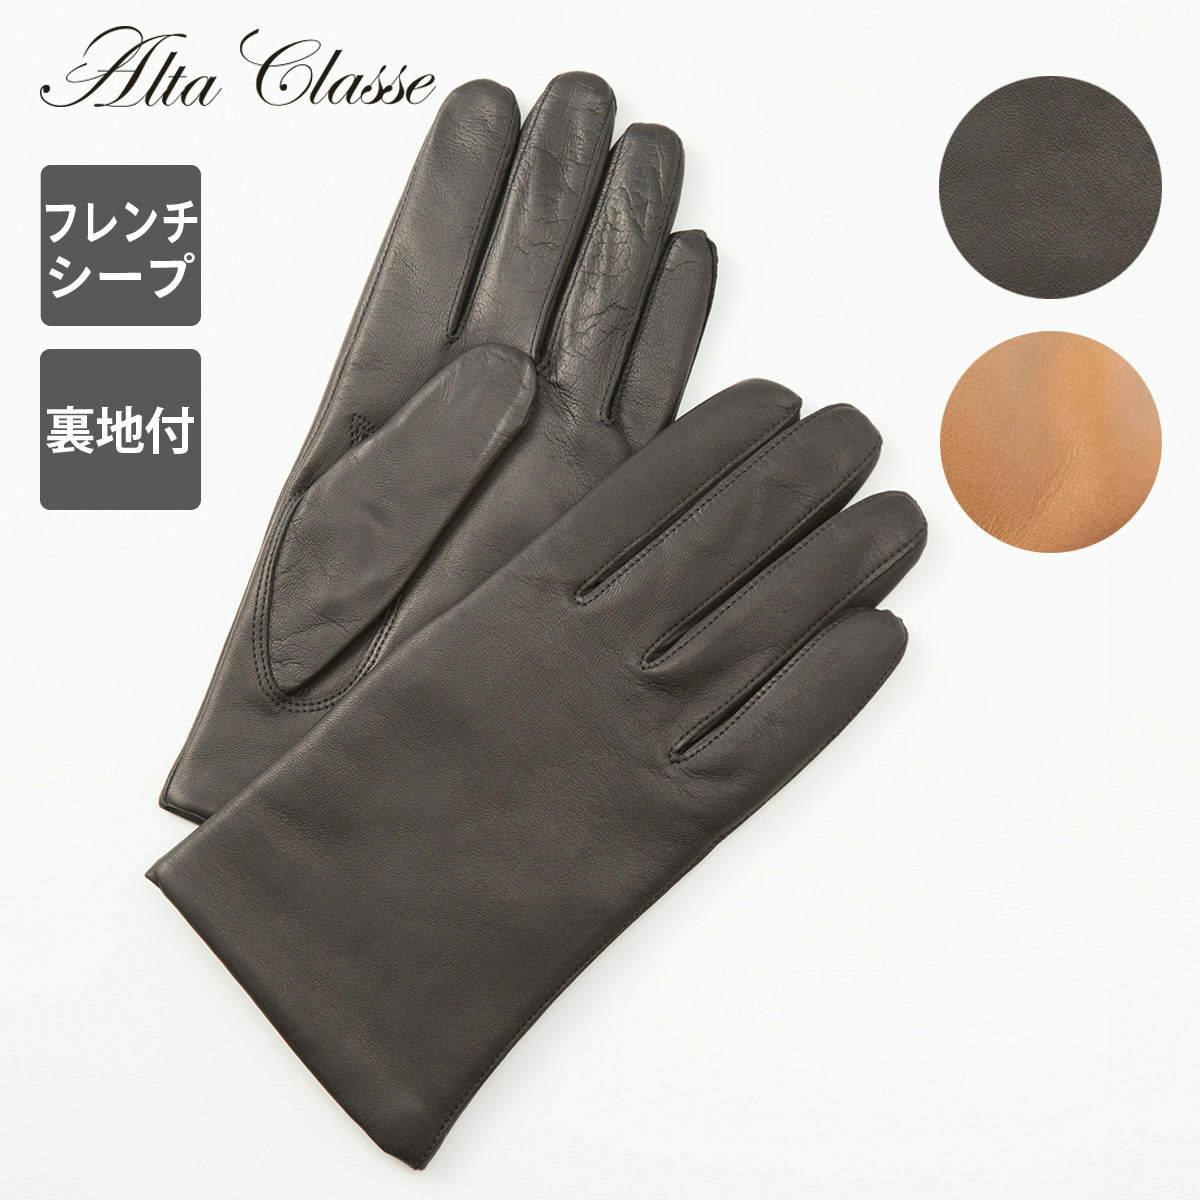 アルタクラッセ カプリガンティ フランス製 高級羊革使用 メンズ 革手袋 全2色 23cm(SM) 24cm(M)